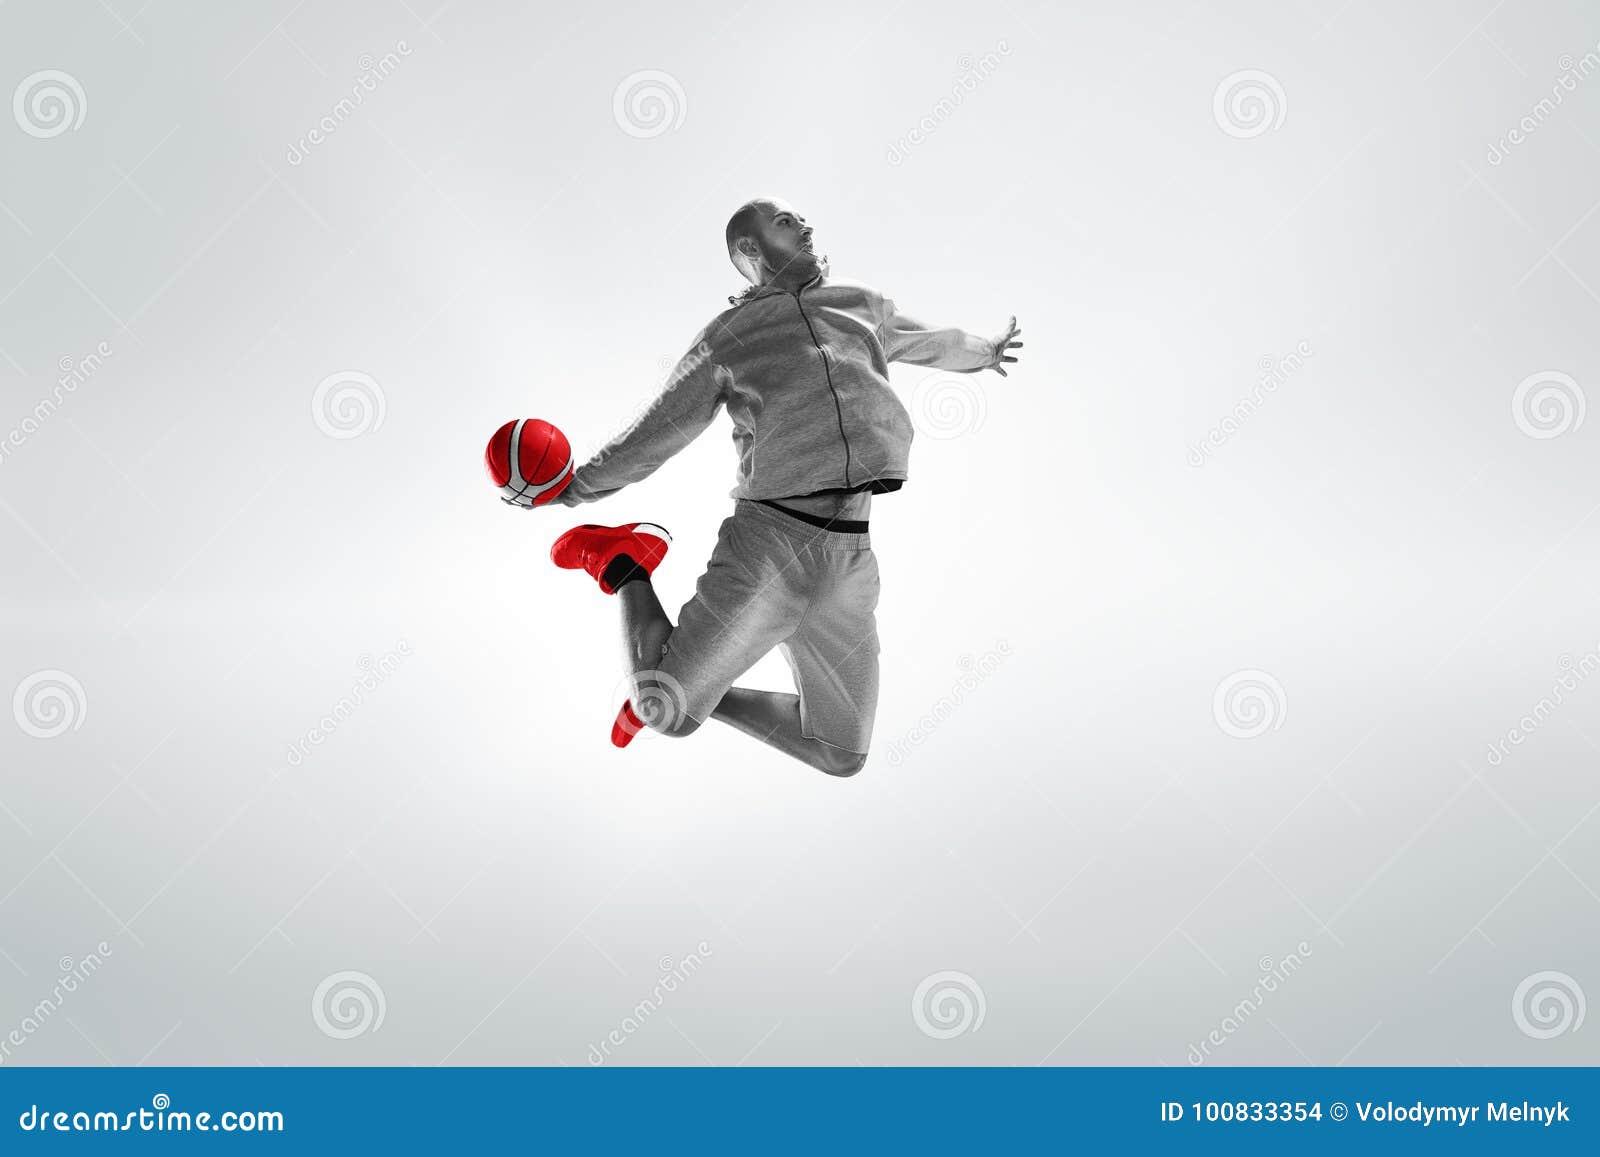 Pełny długość portret gracz koszykówki z piłką